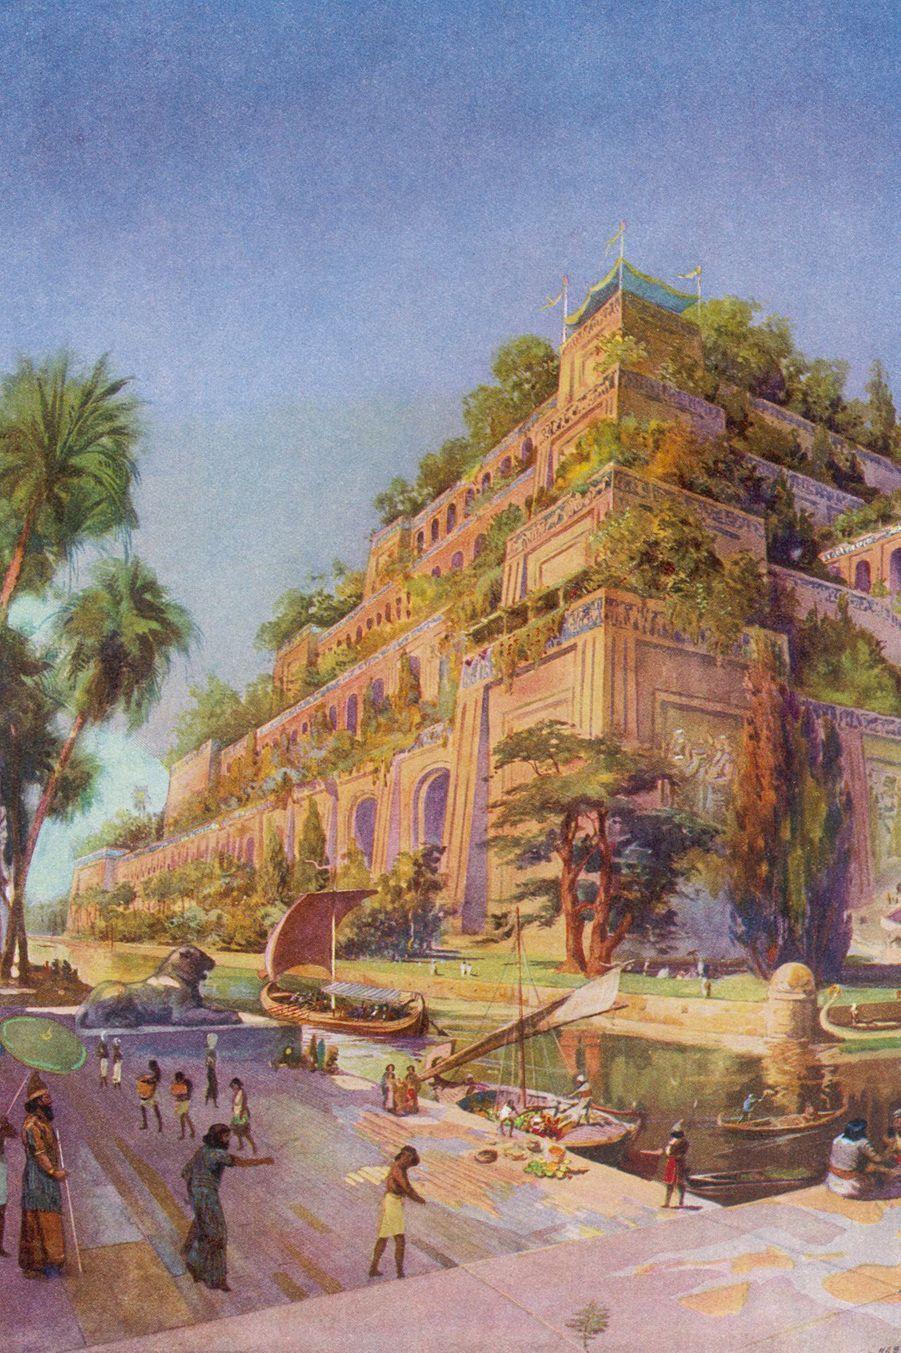 Dessin des Jardins suspendus de Babylone en Mésopotamie (Irak actuel).